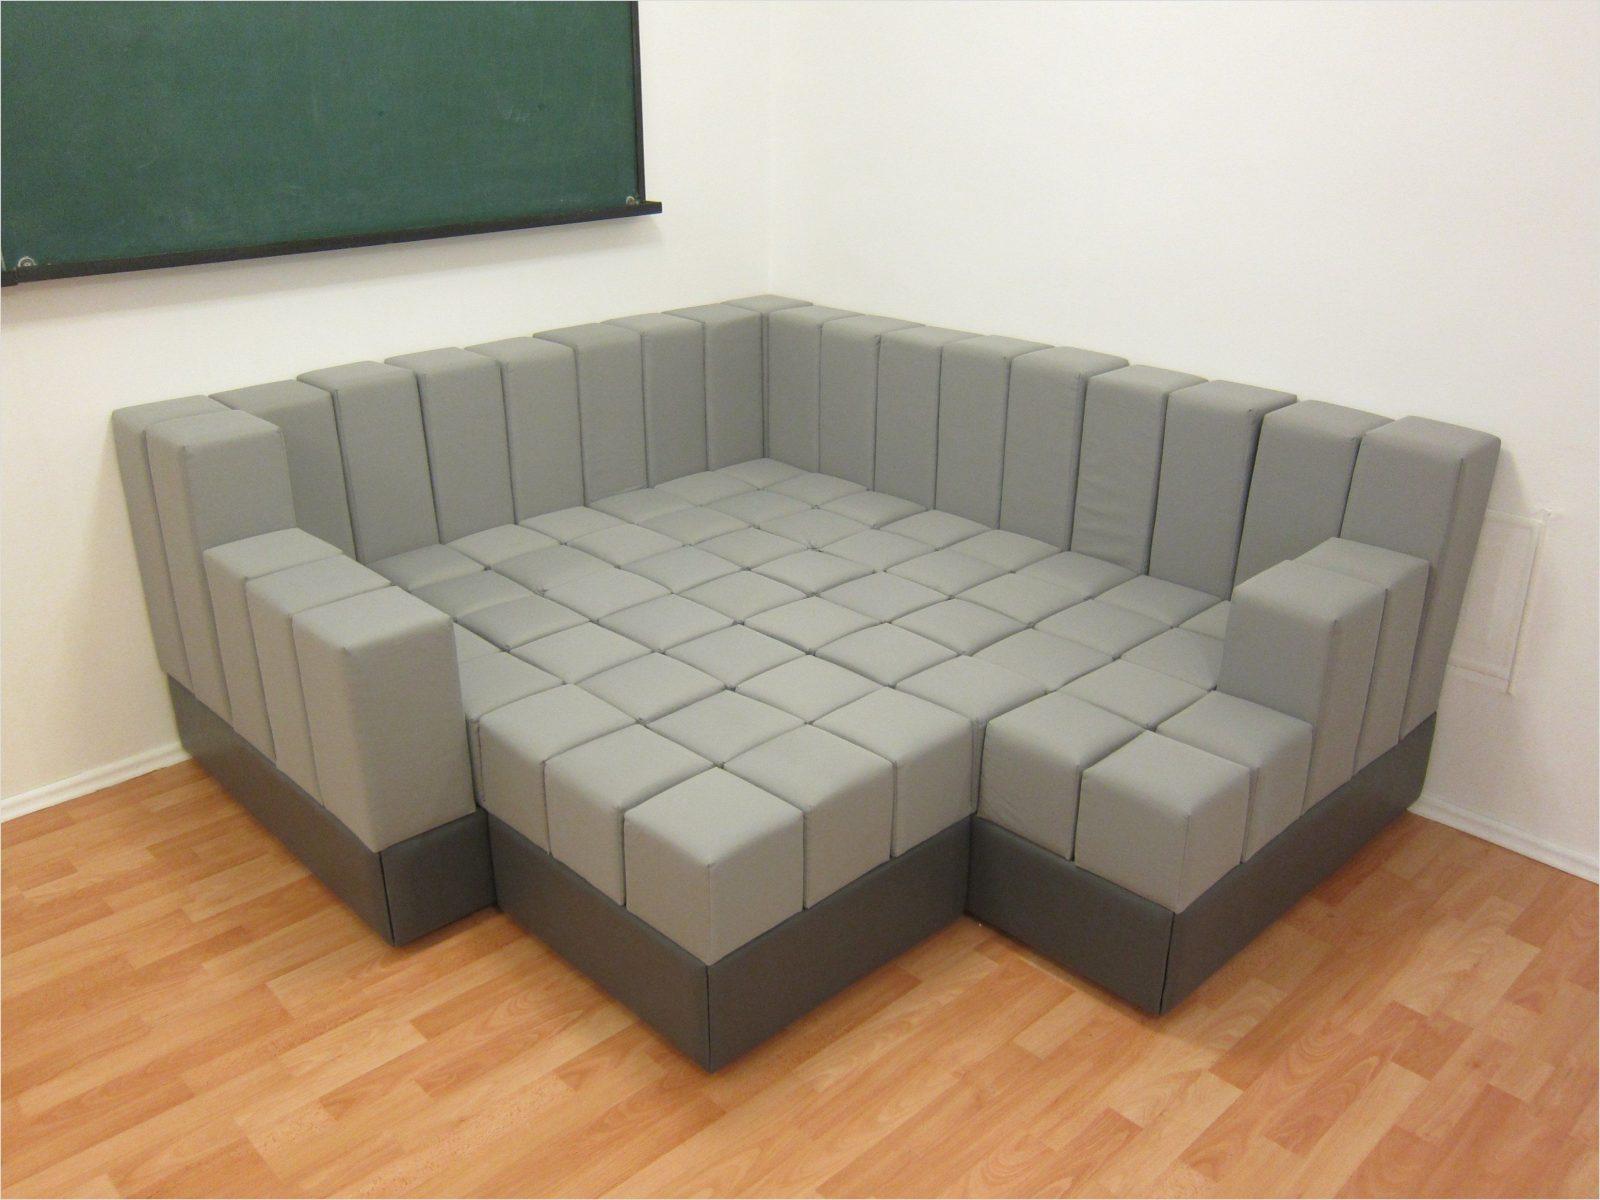 Sofa Selber Bauen Polster Terrific Galerie Um Sofa Selber